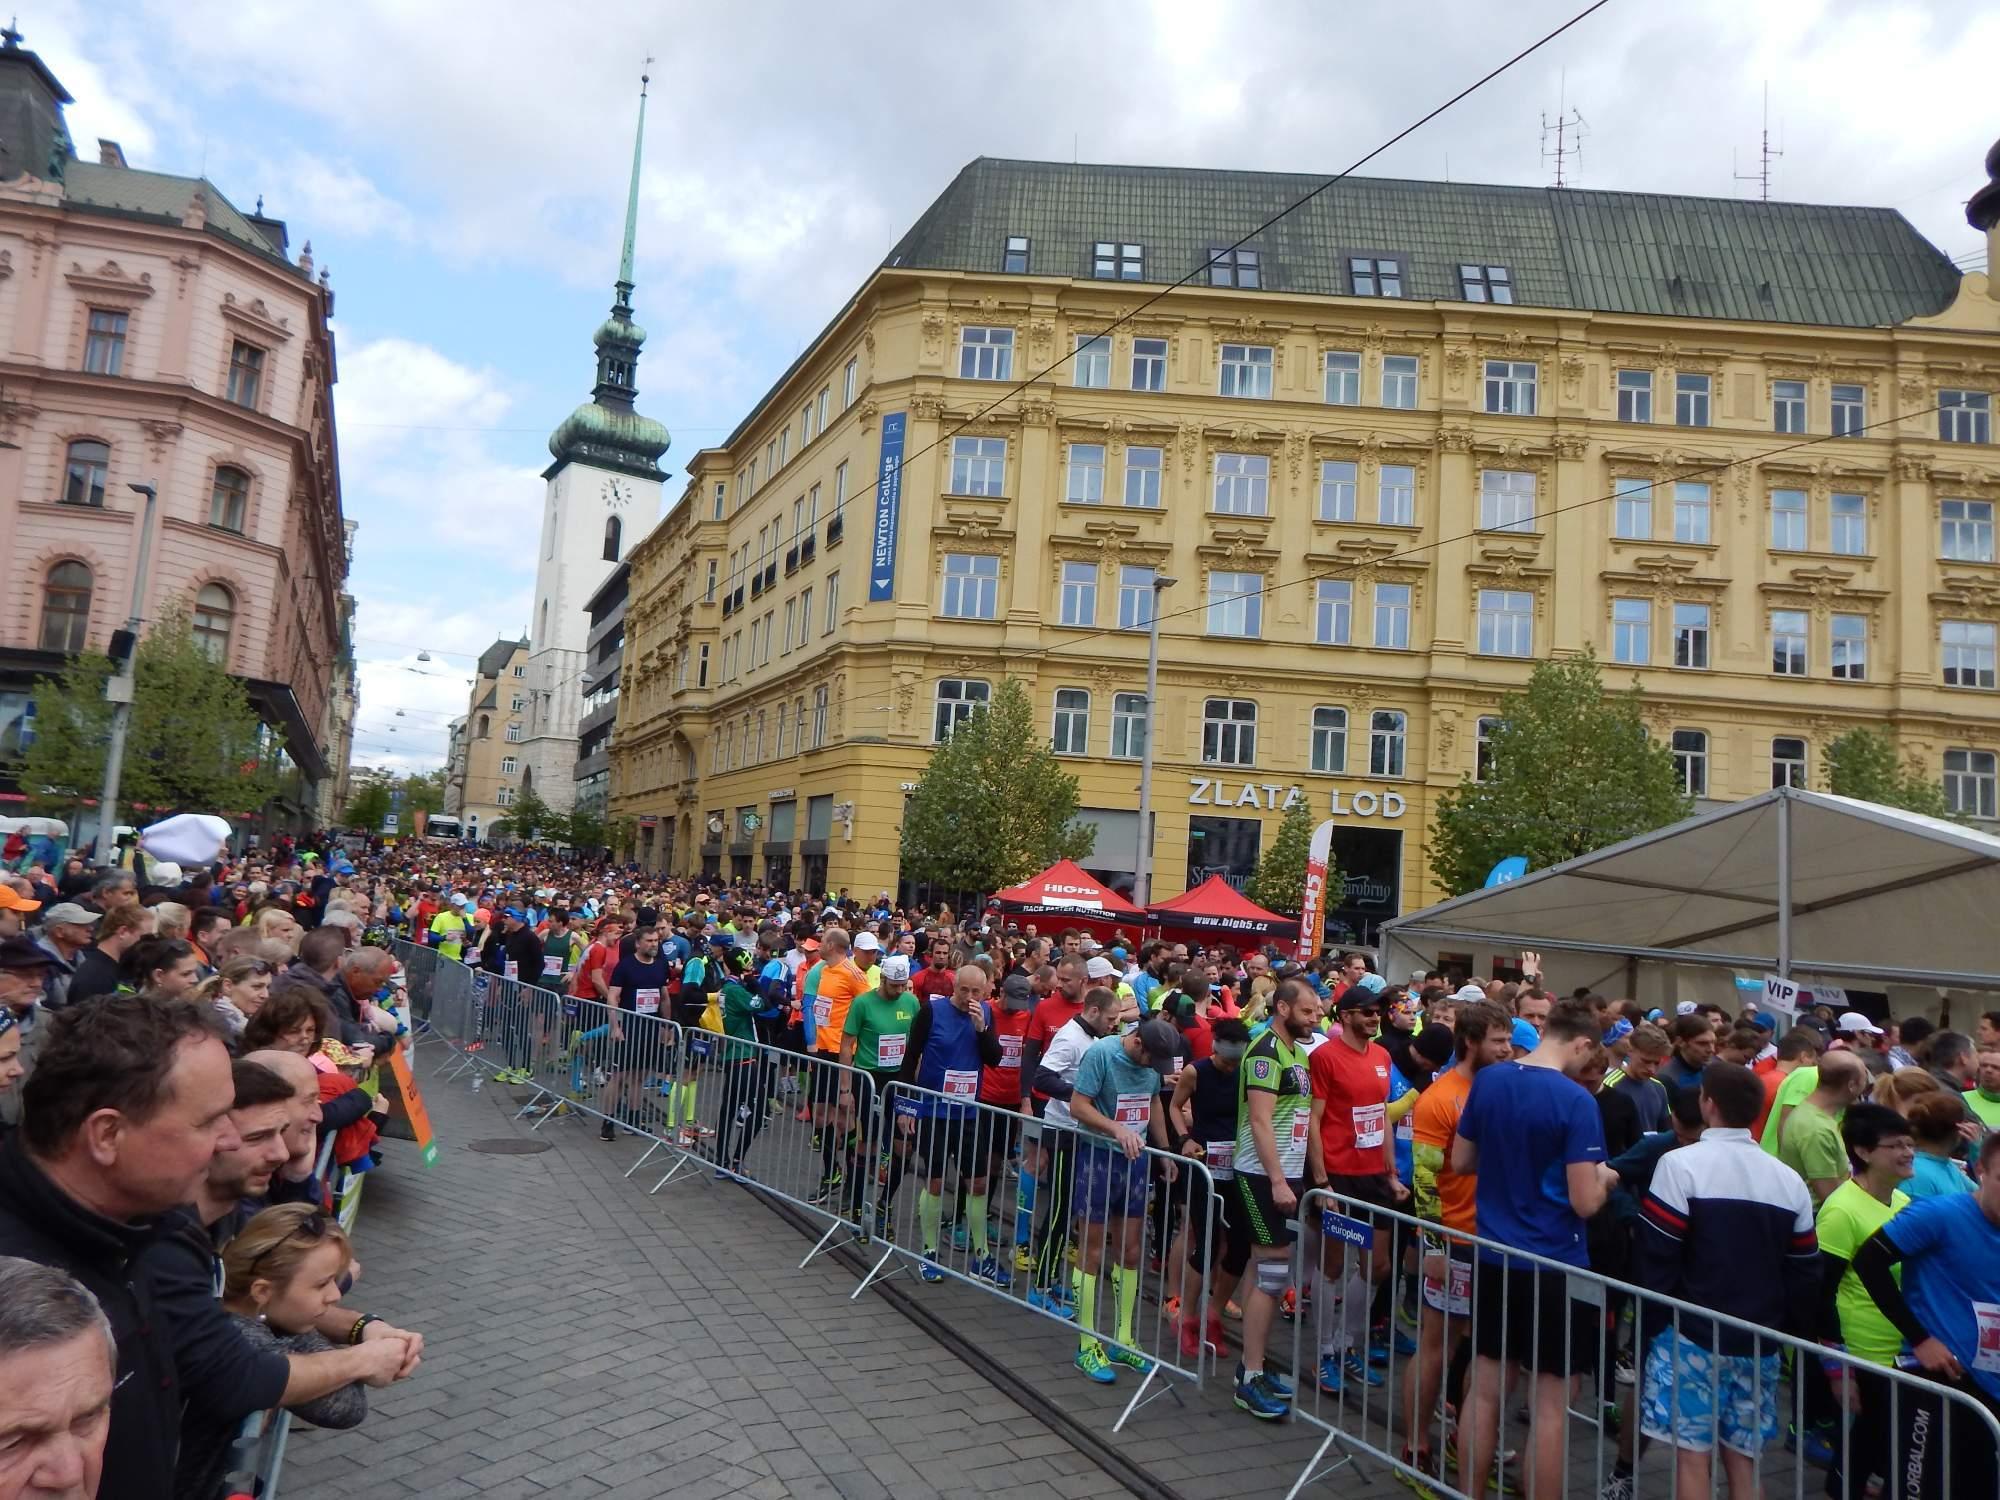 S počtem závodníků i diváků mohli být organizátoři spokojení Foto: Adam Lukůvka